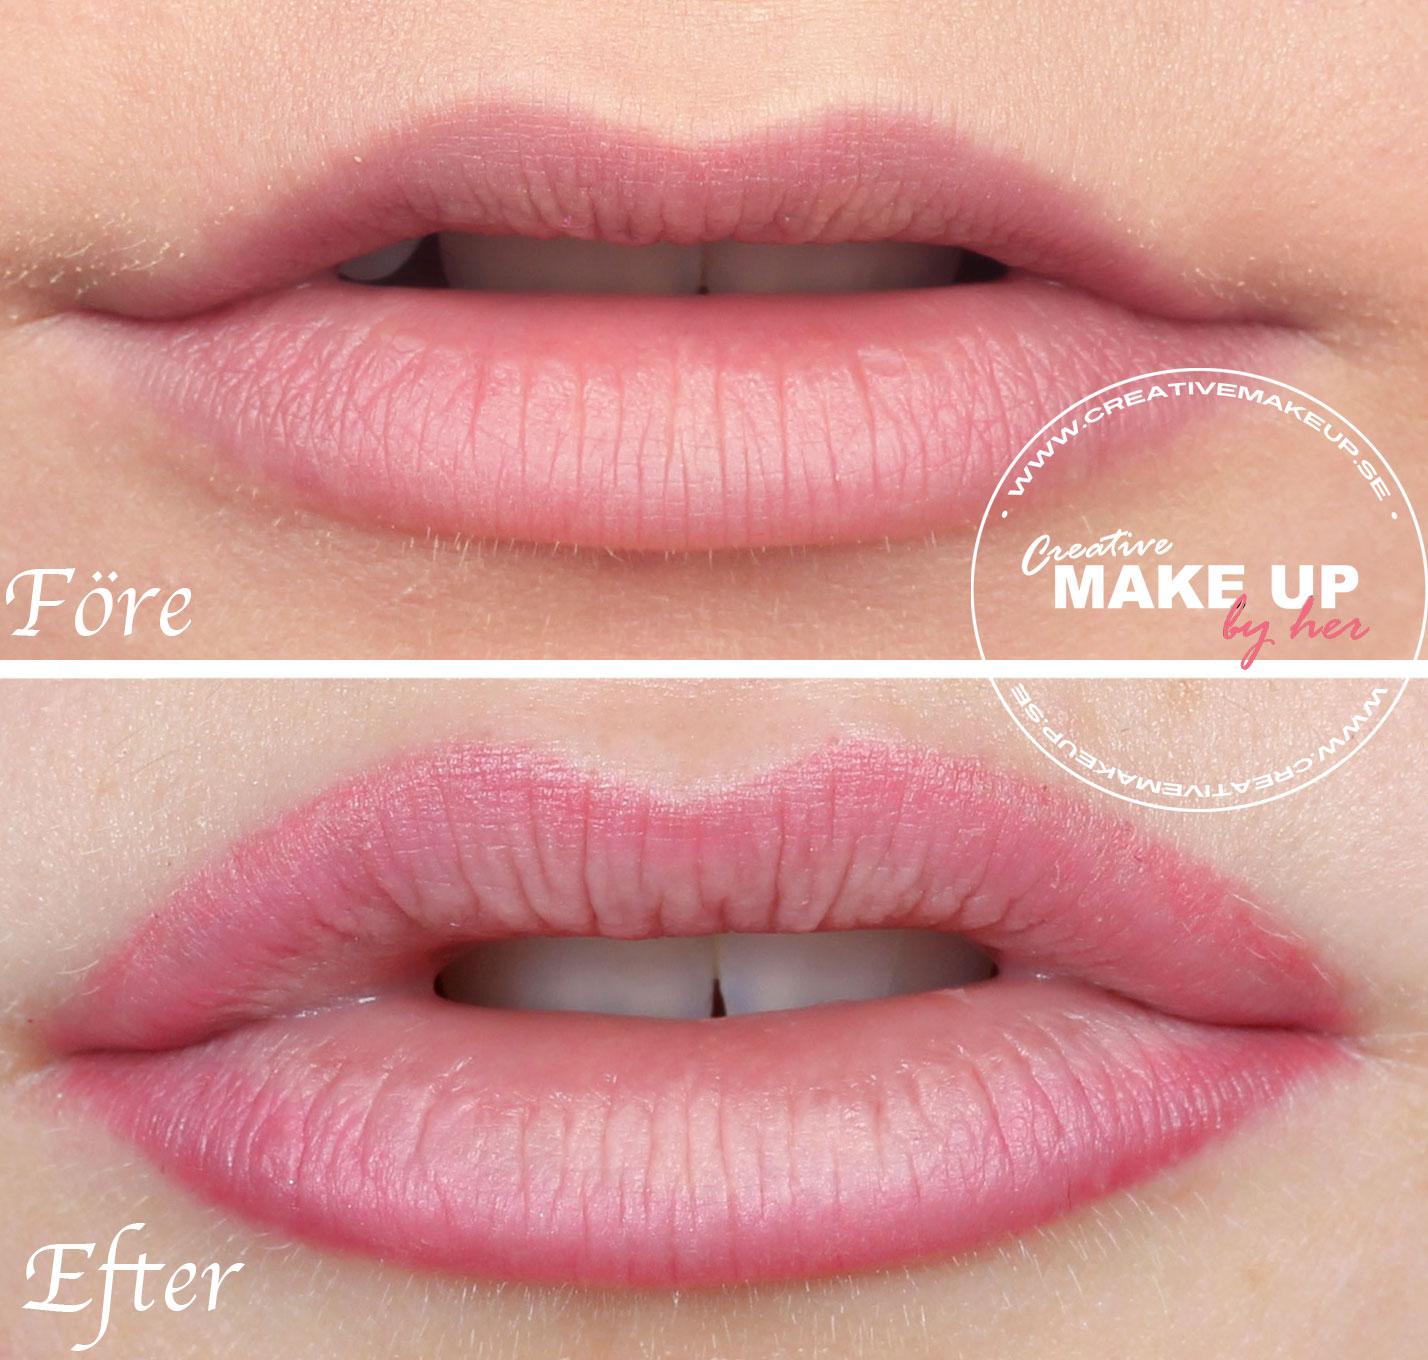 tattooed-lips